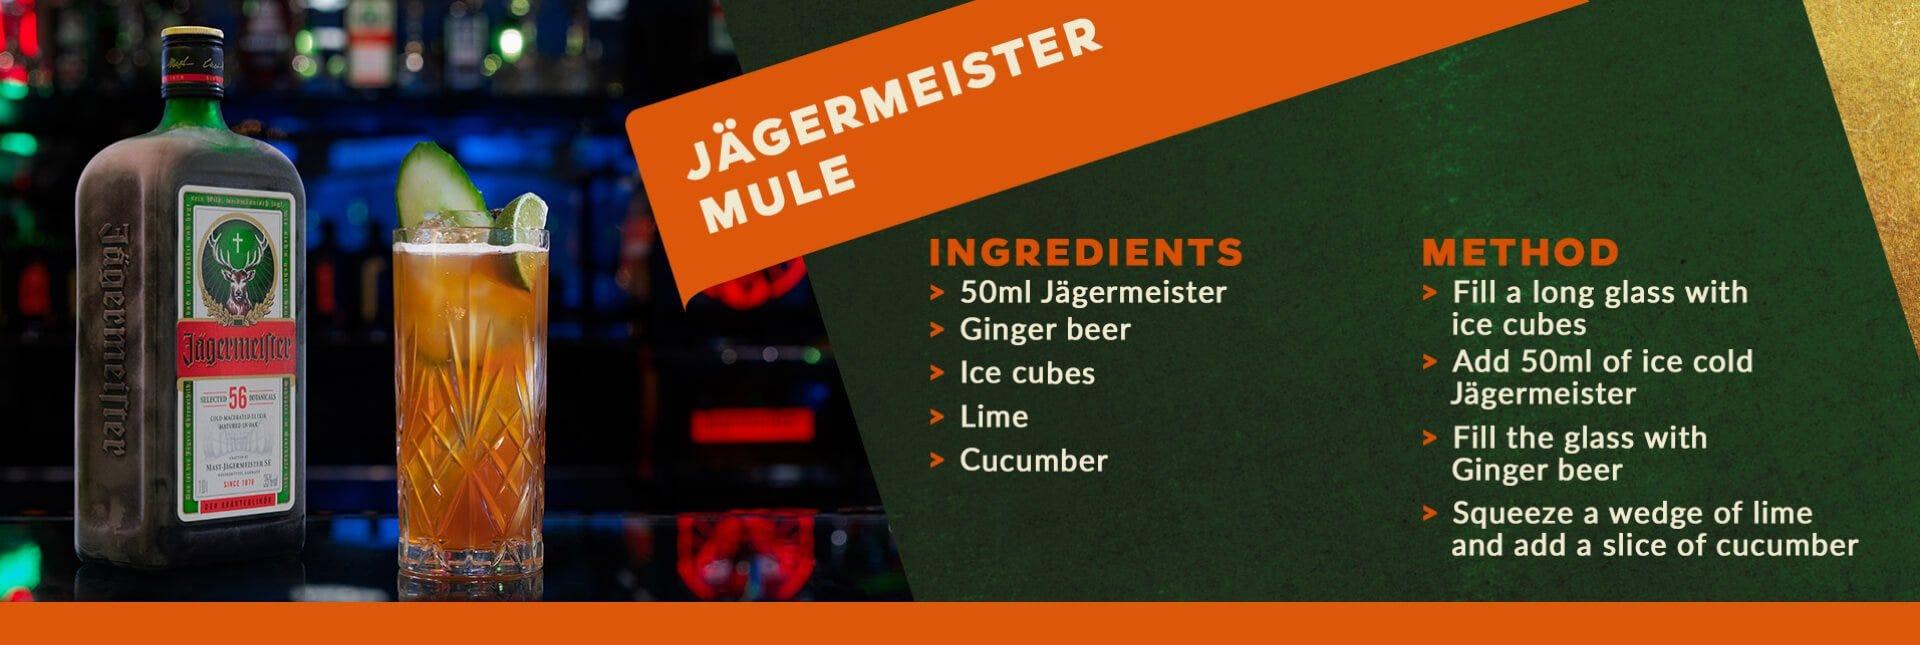 Jagermeister mule cocktail